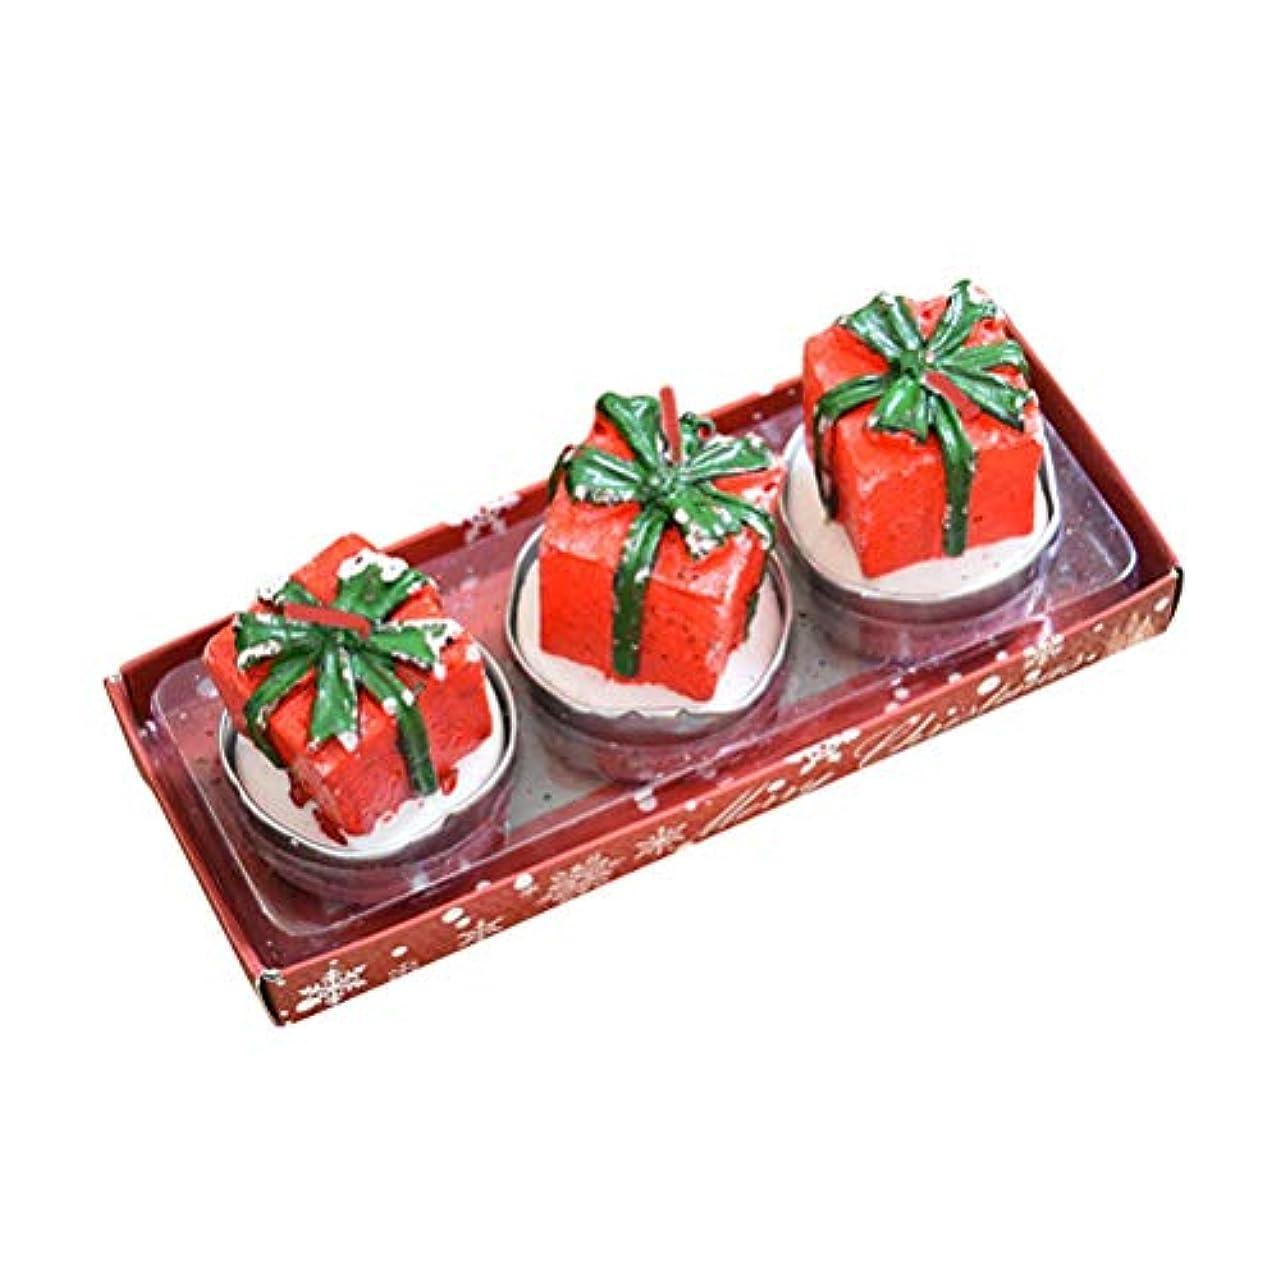 服みぞれ模索BESTOYARD 3本のクリスマスキャンドルミニキュートな装飾的なギフトボックス形状のキャンドルスパのホームクリスマスパーティーウィンドウの表示テーブルの装飾の贈り物